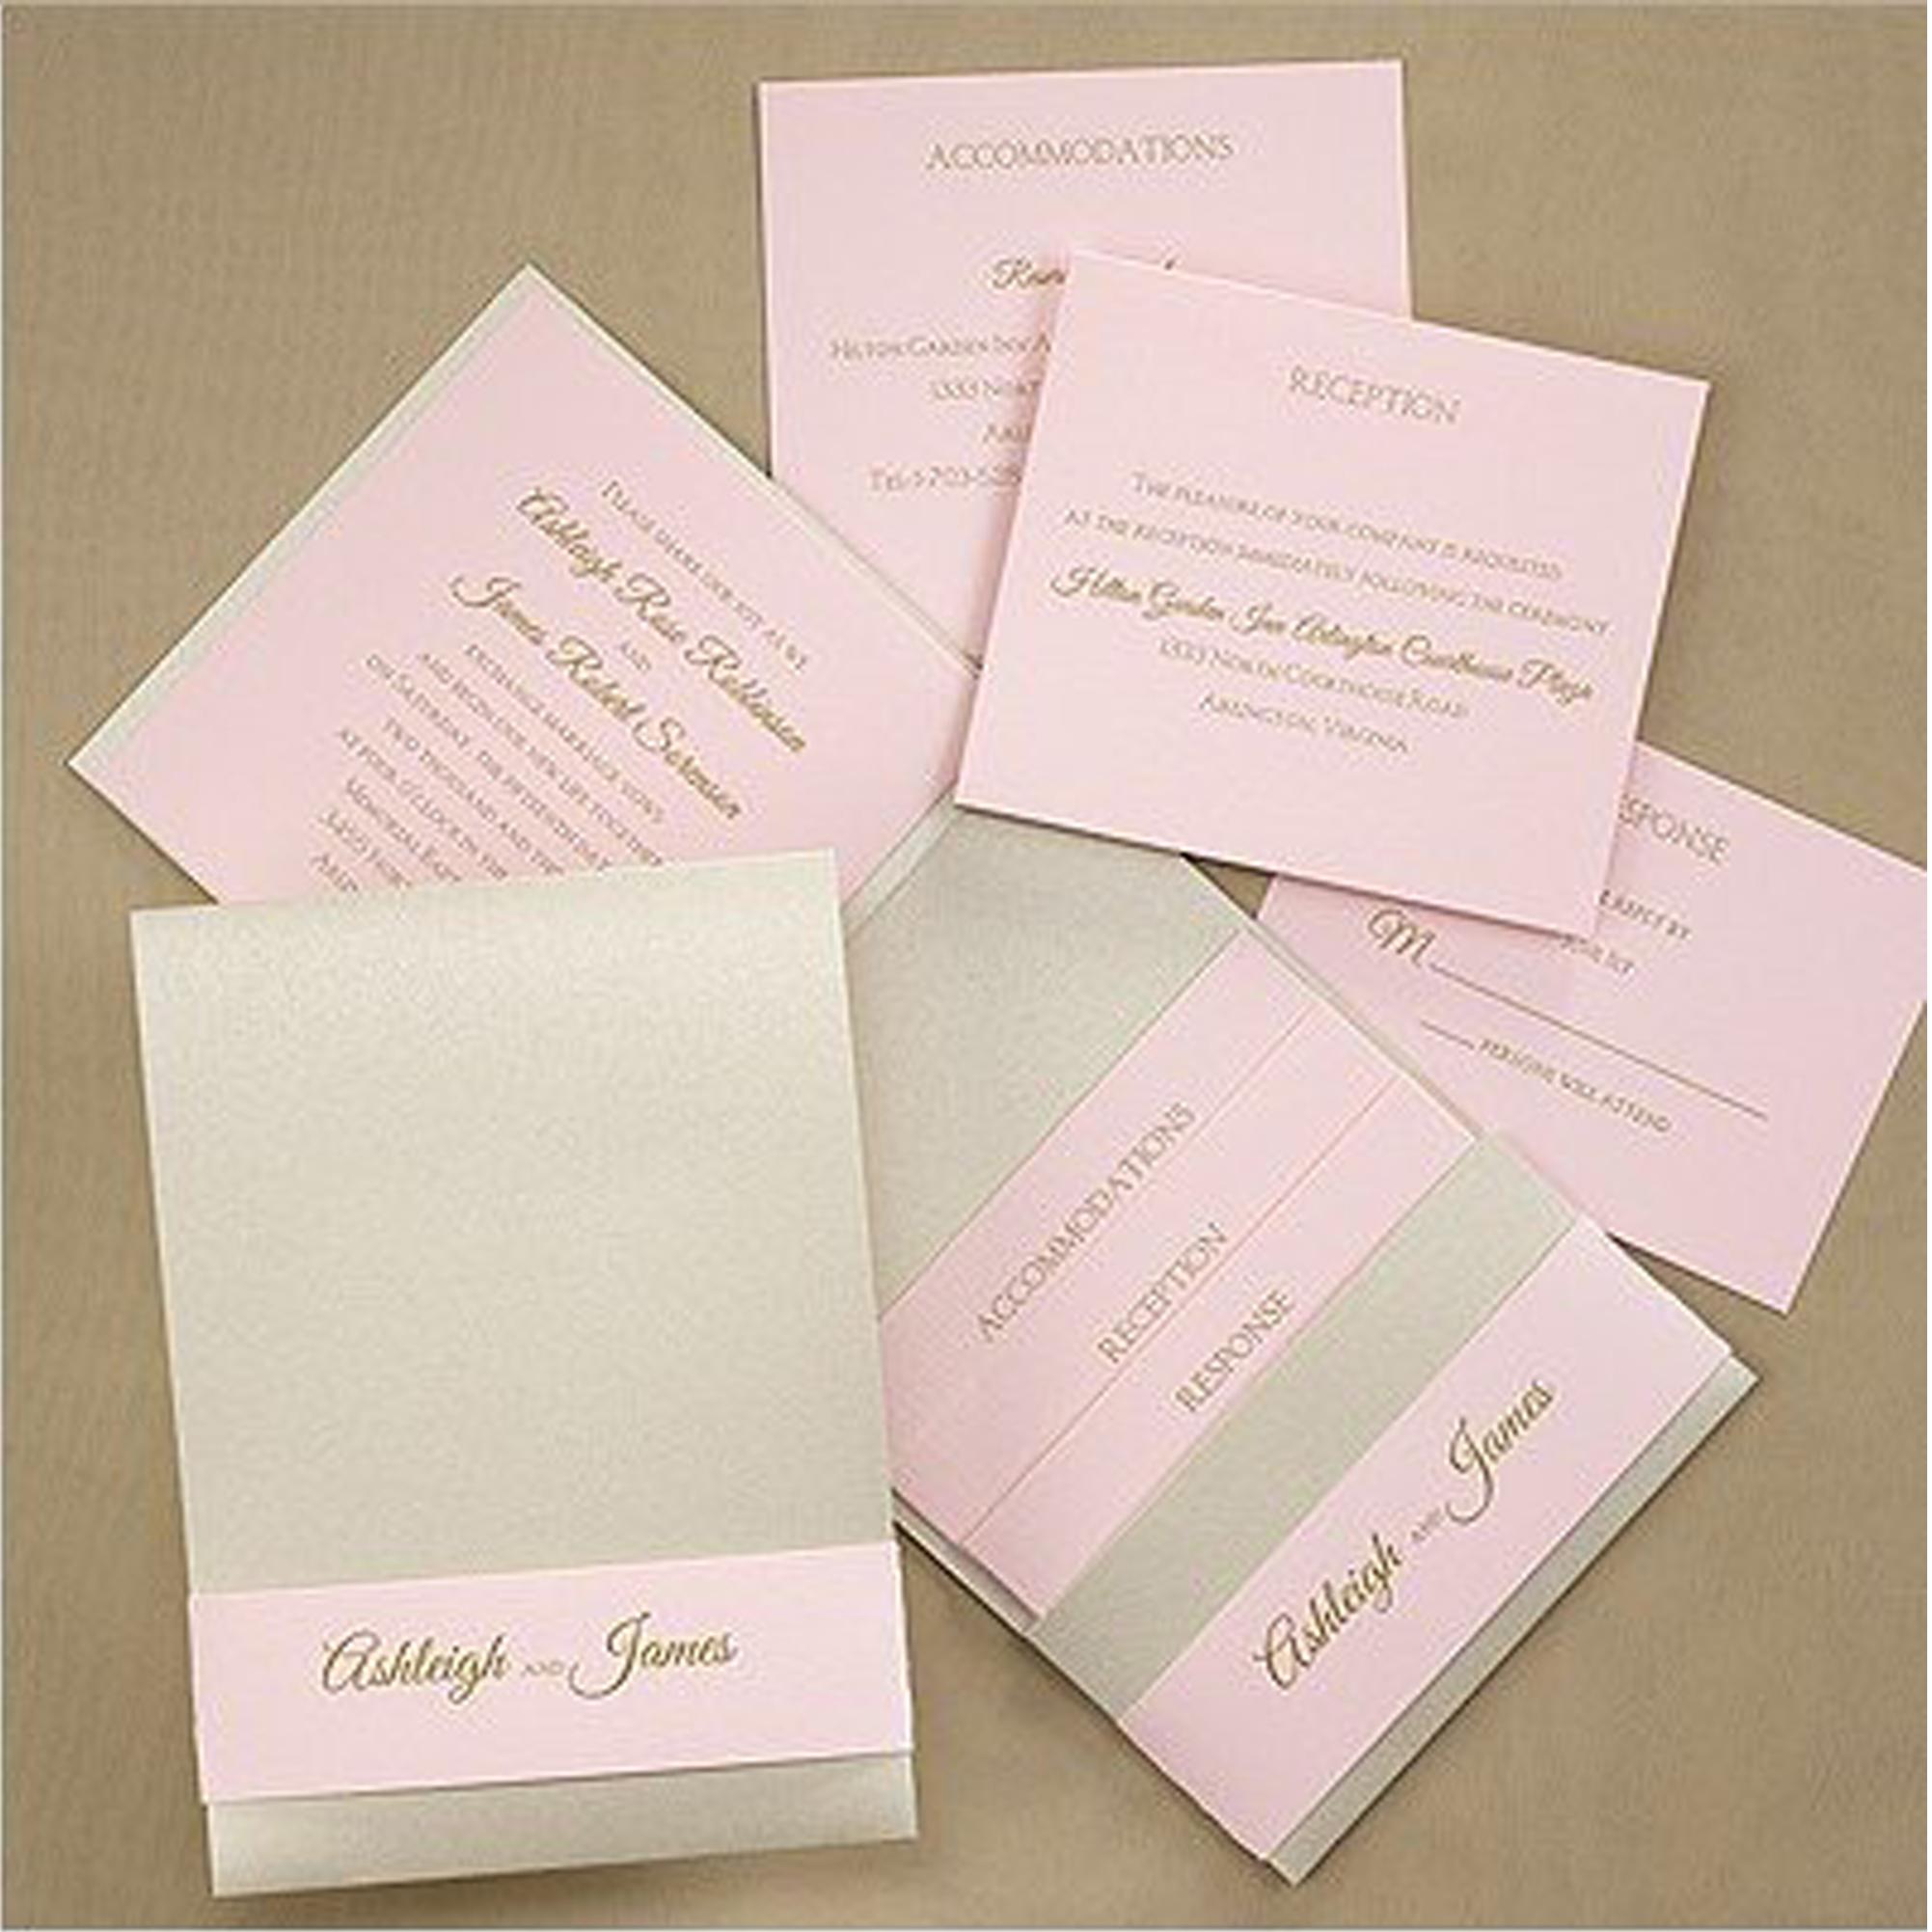 Organizacion de bodas mon wedding - Bodas sencillas pero bonitas ...